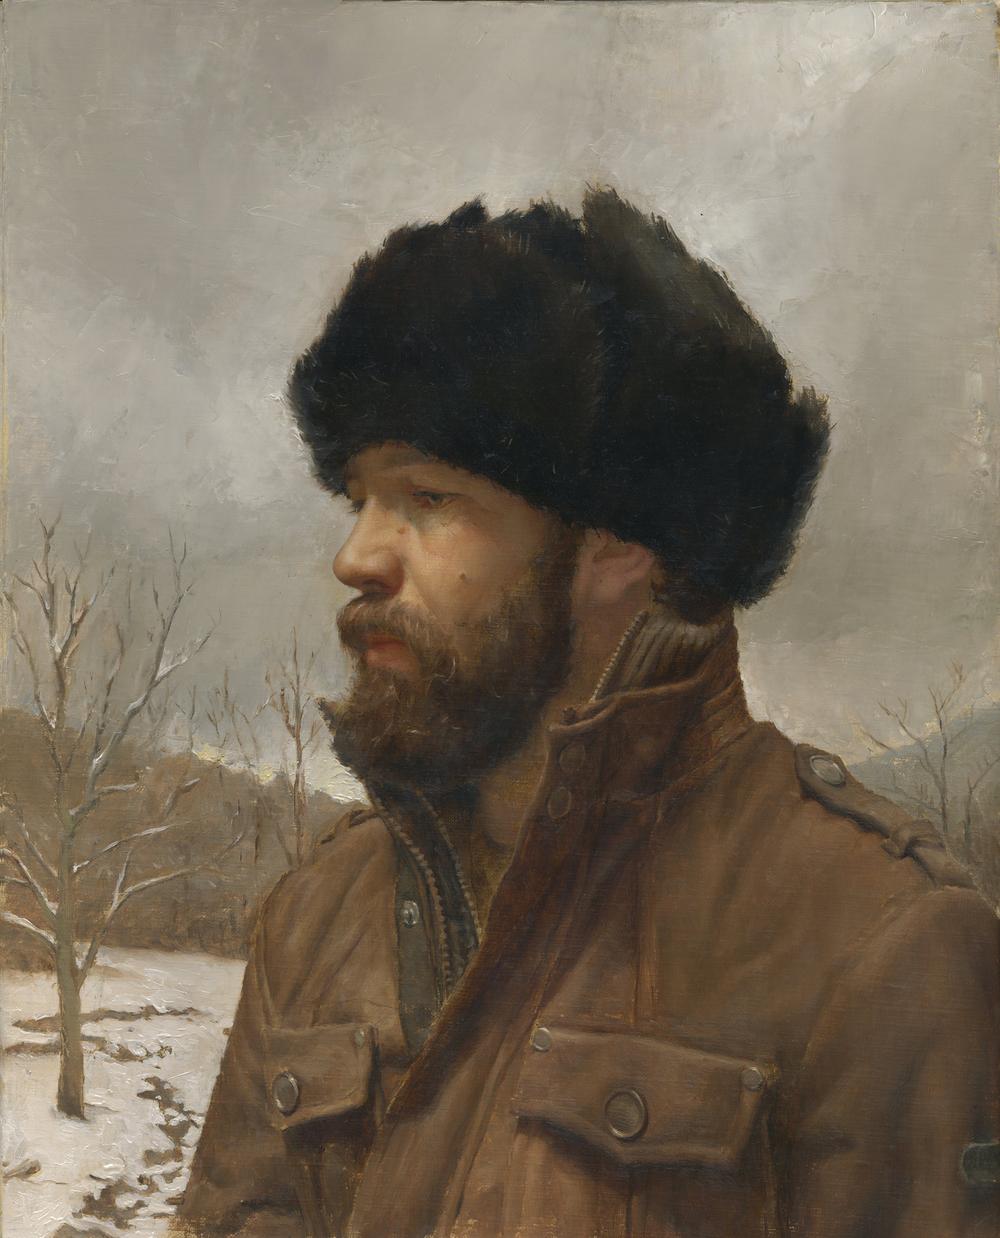 Self-Portrait+in+Fur+Hat